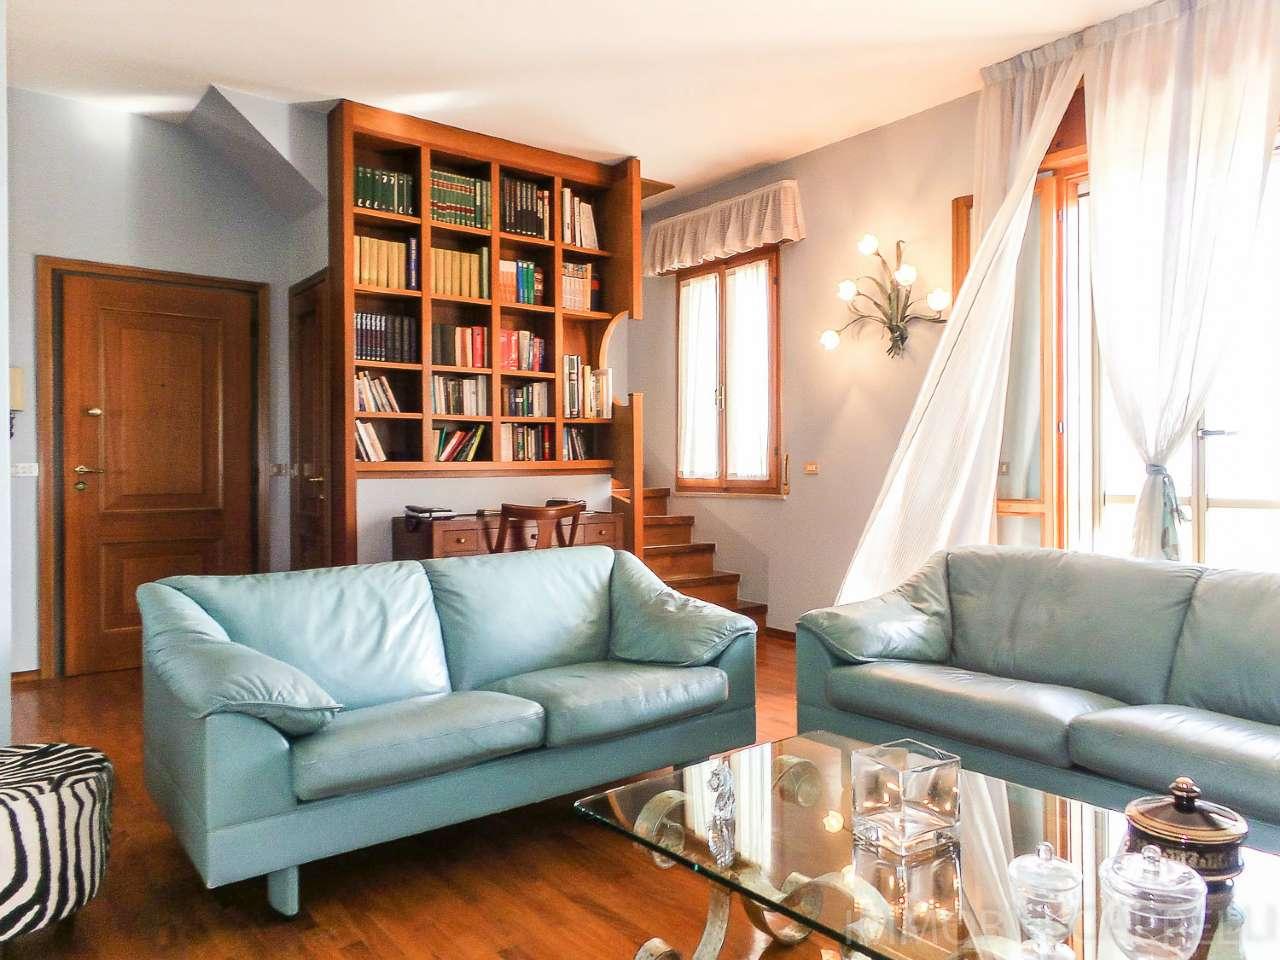 Appartamento in vendita a Cesena, 6 locali, prezzo € 320.000 | CambioCasa.it